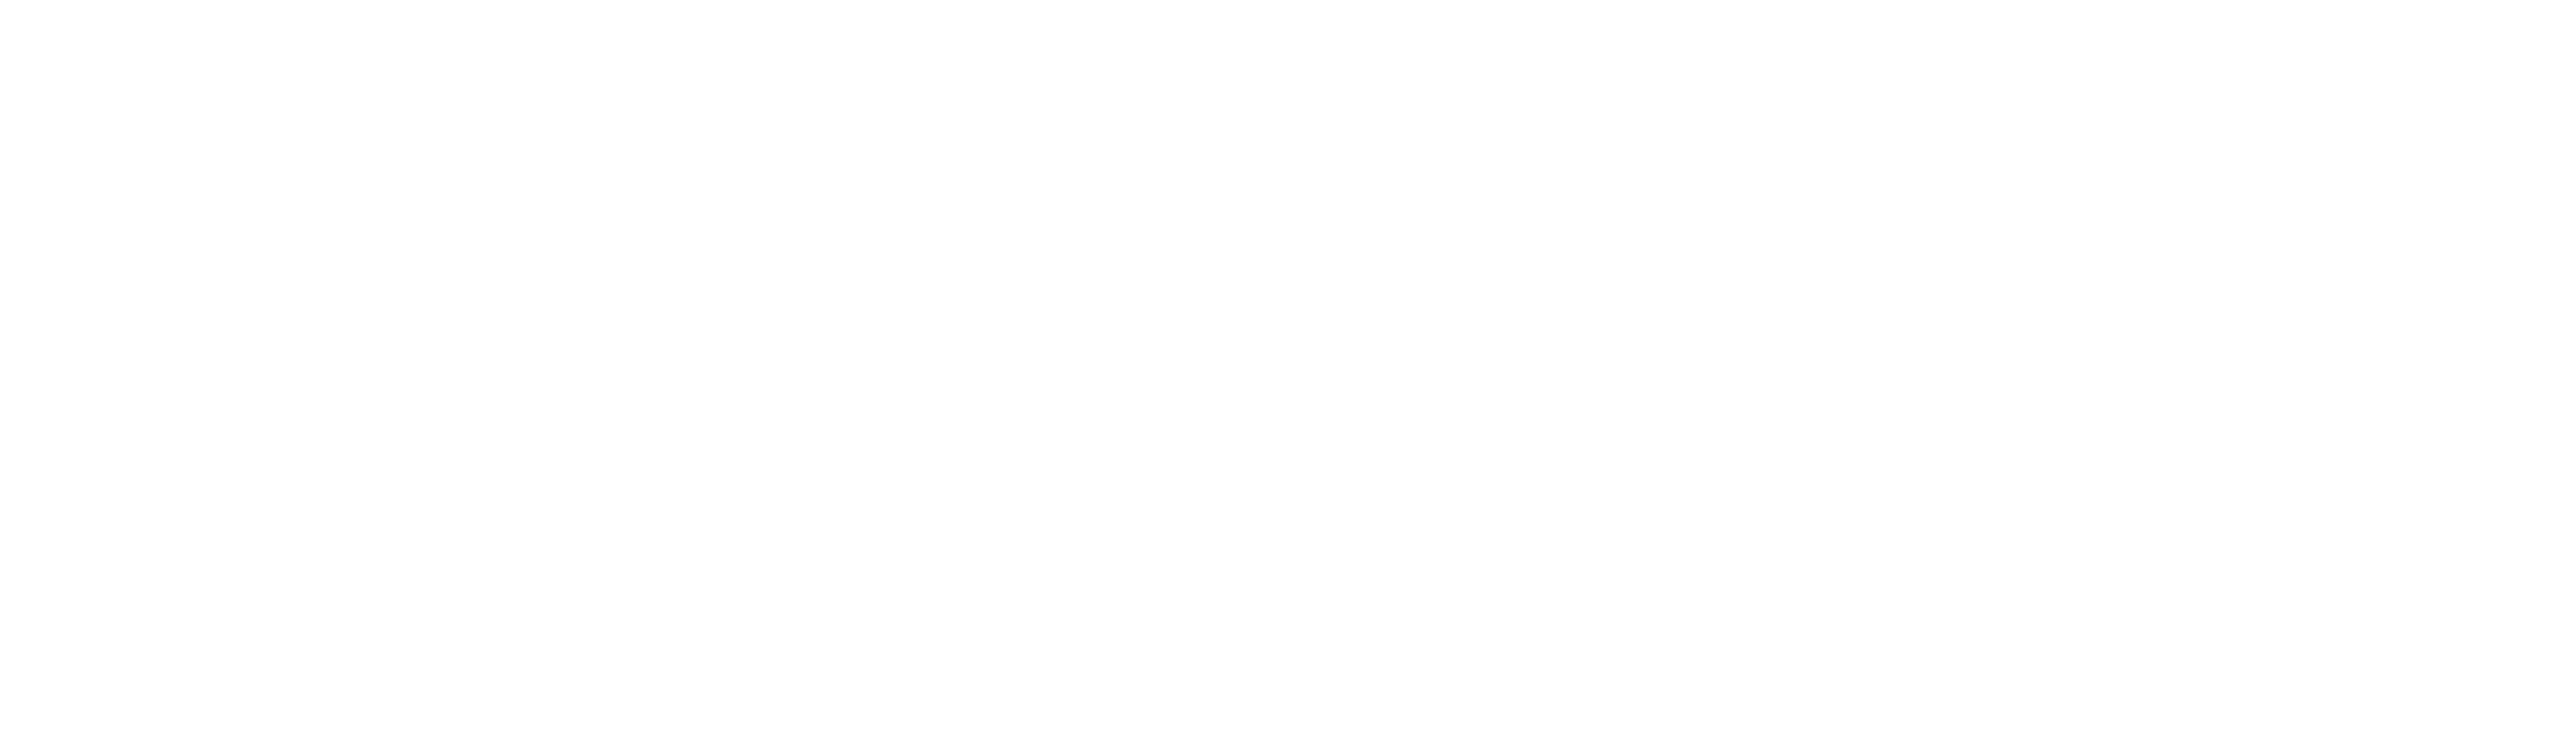 Taiden 3 - White